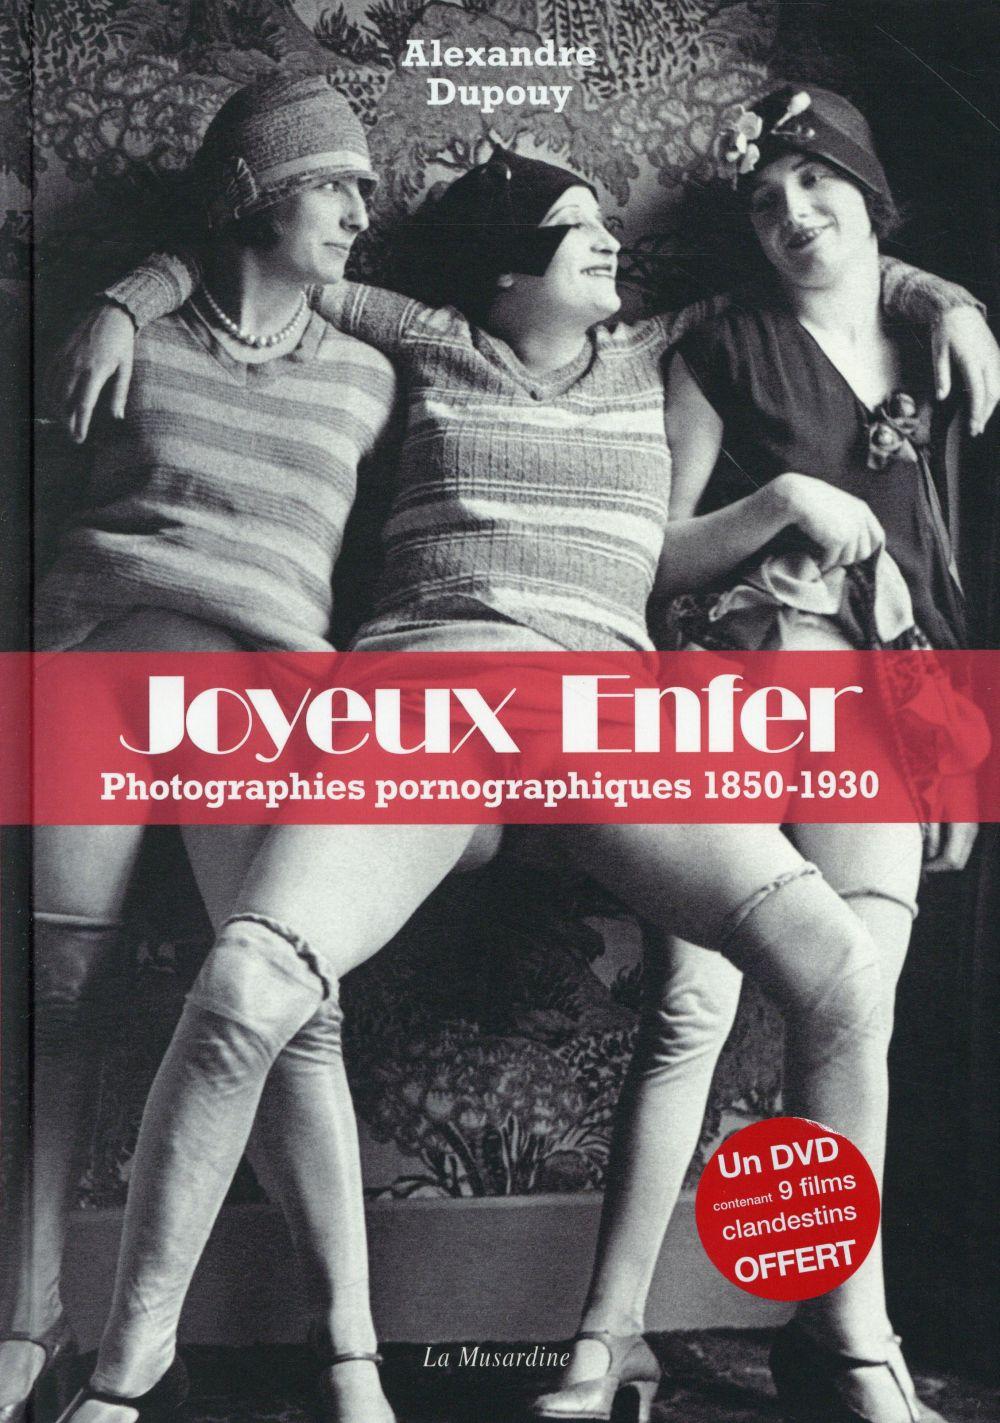 JOYEUX ENFER